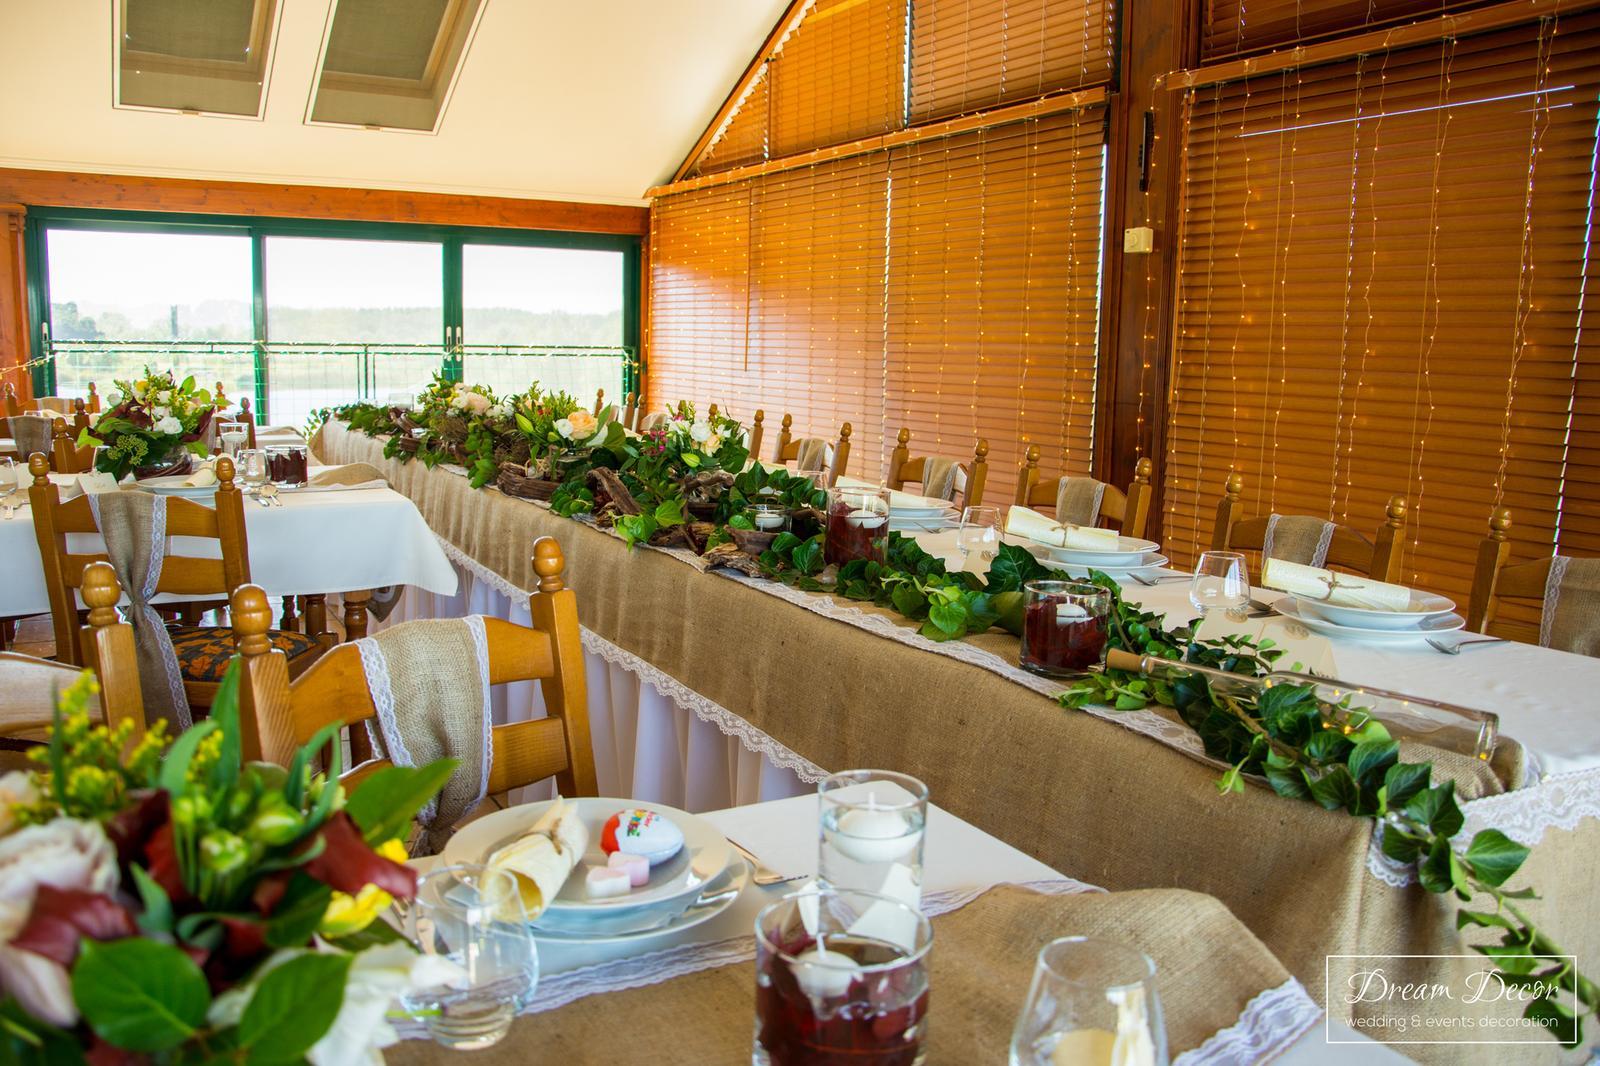 Svadobná výzdoba reštaurácie V siedmom nebi - Jelka - Svadobná výzdoba V siedmom nebi, Jelka